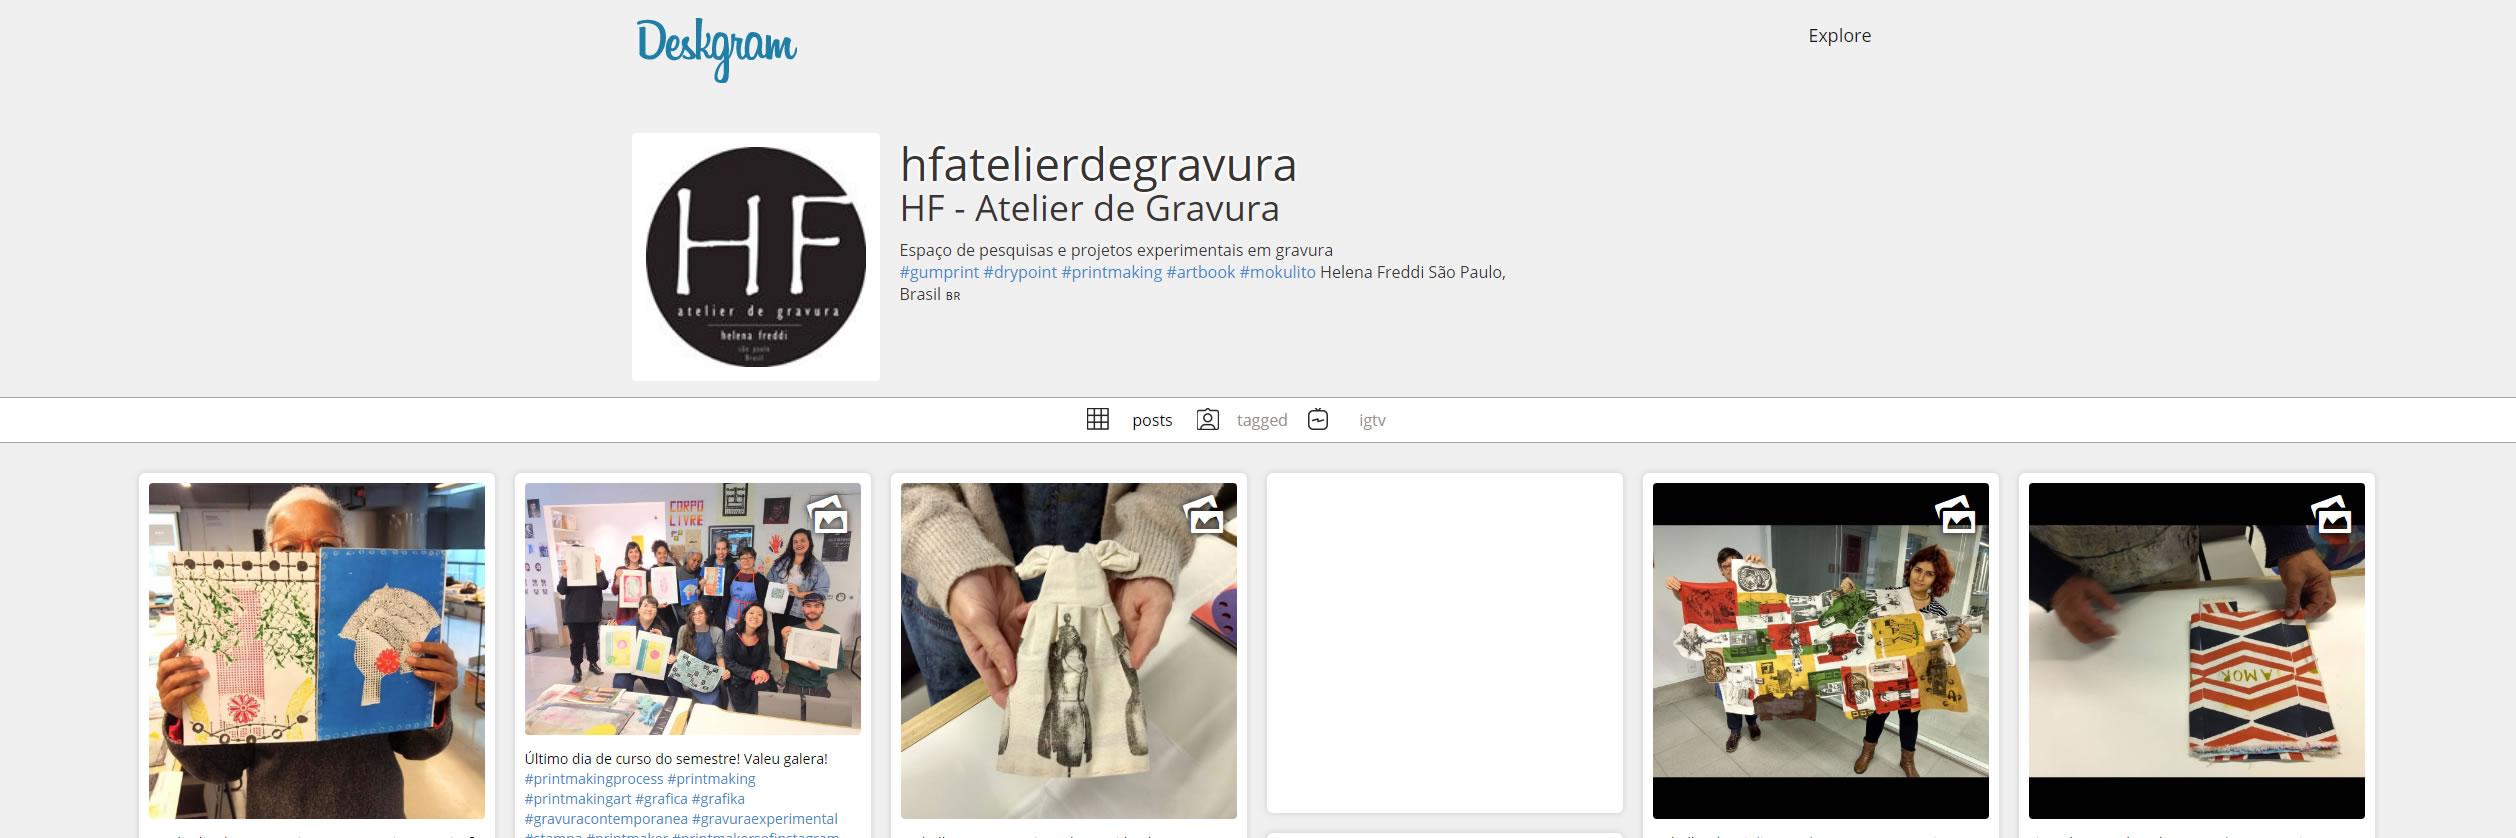 hf_atelier_de_gravura_galeria_de_gravura